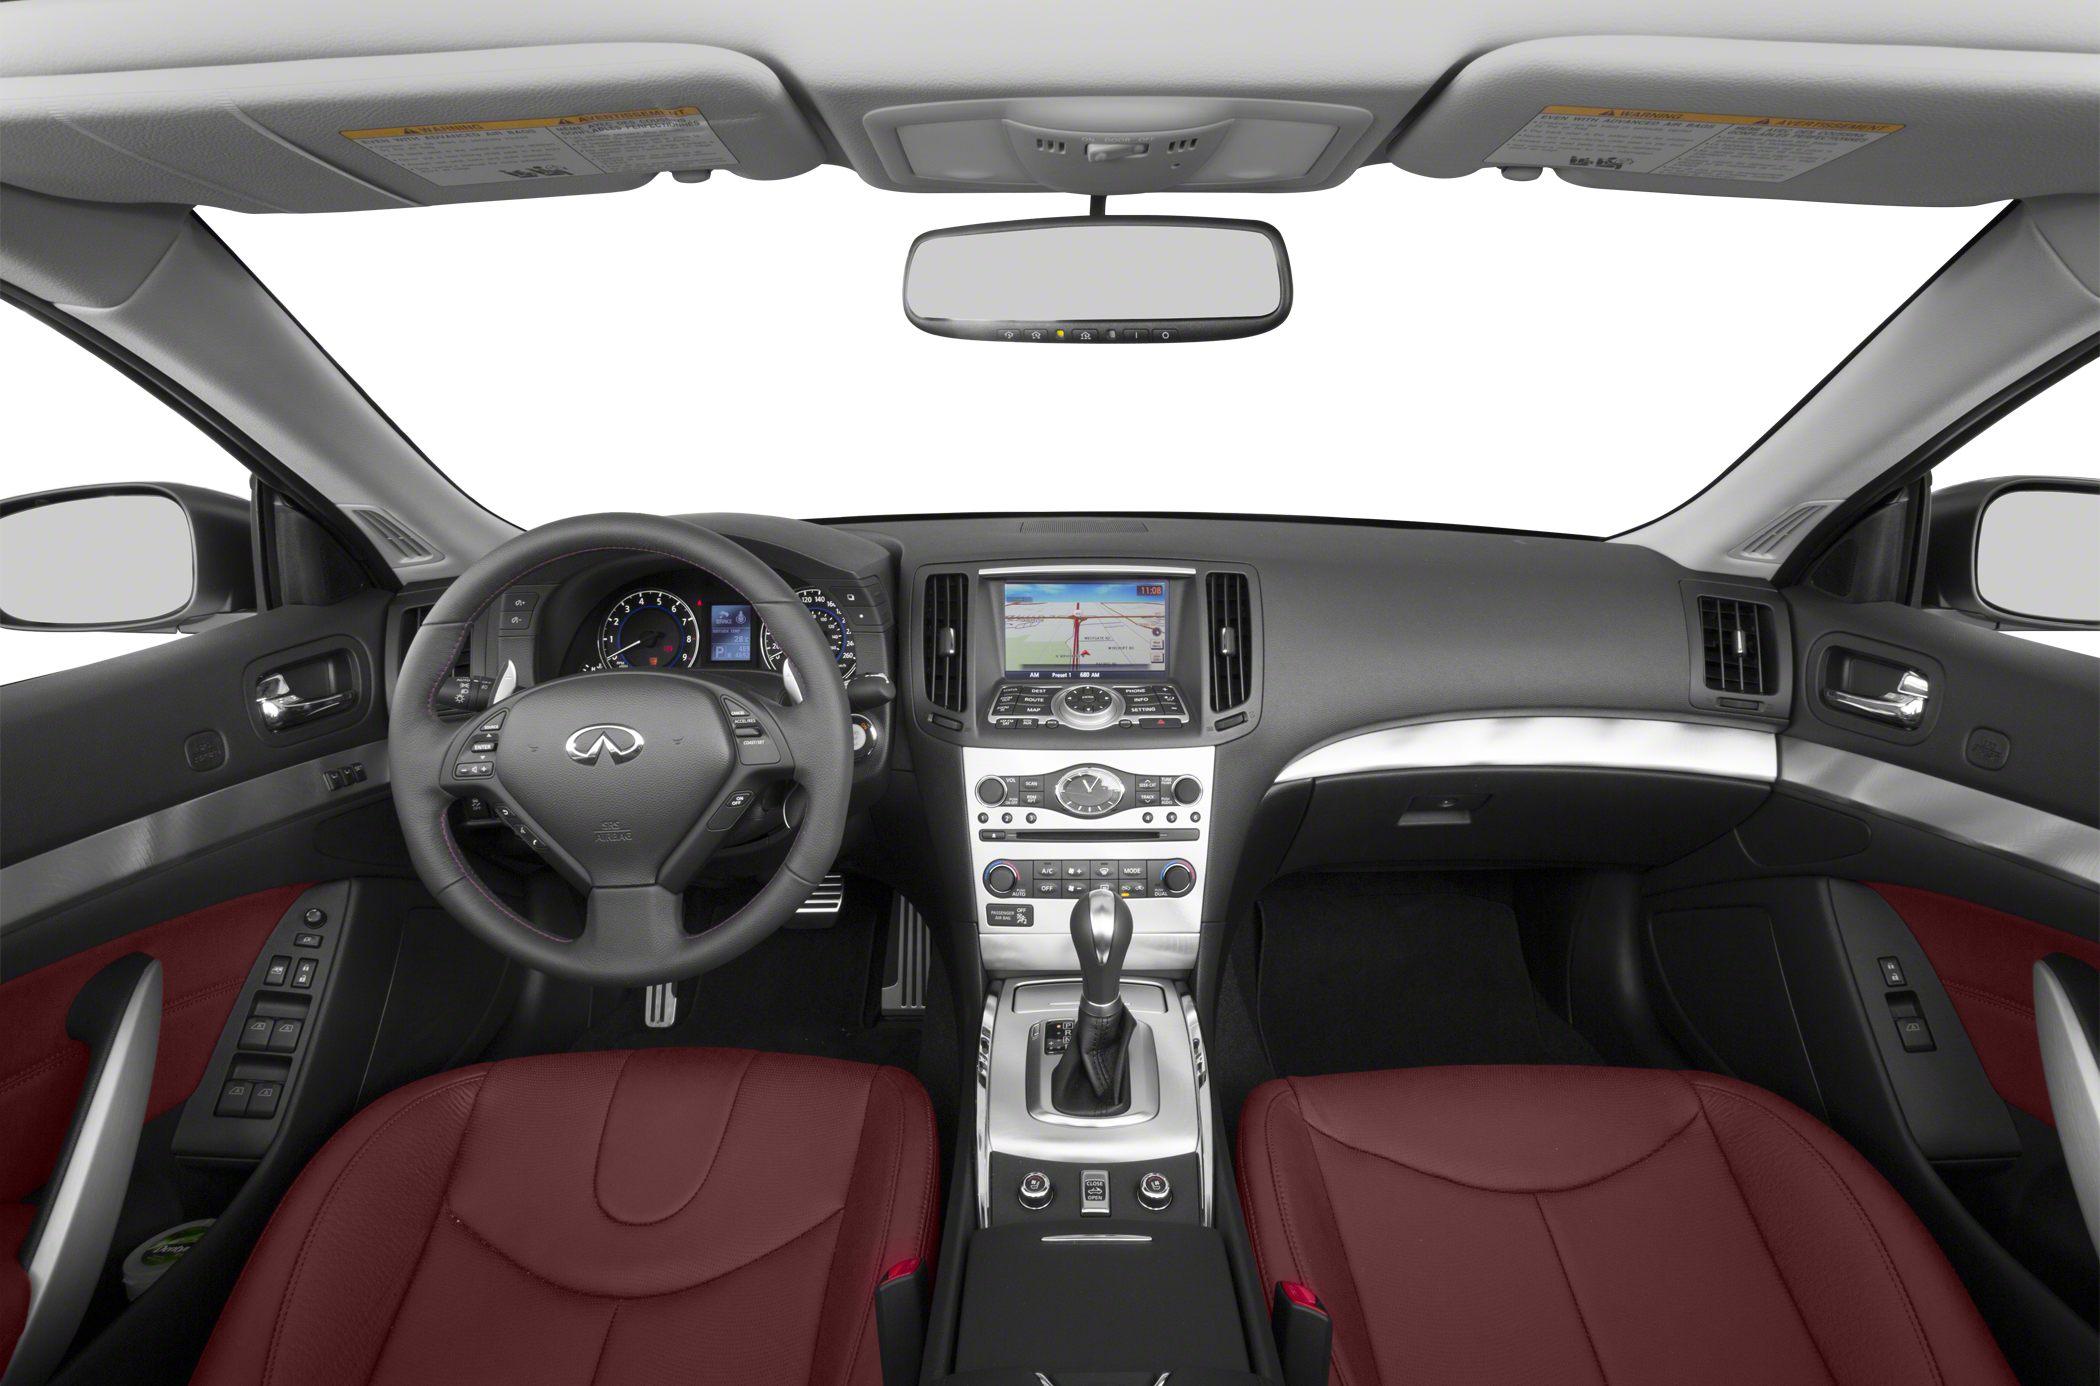 2014 Infiniti Q60 IPL Interior